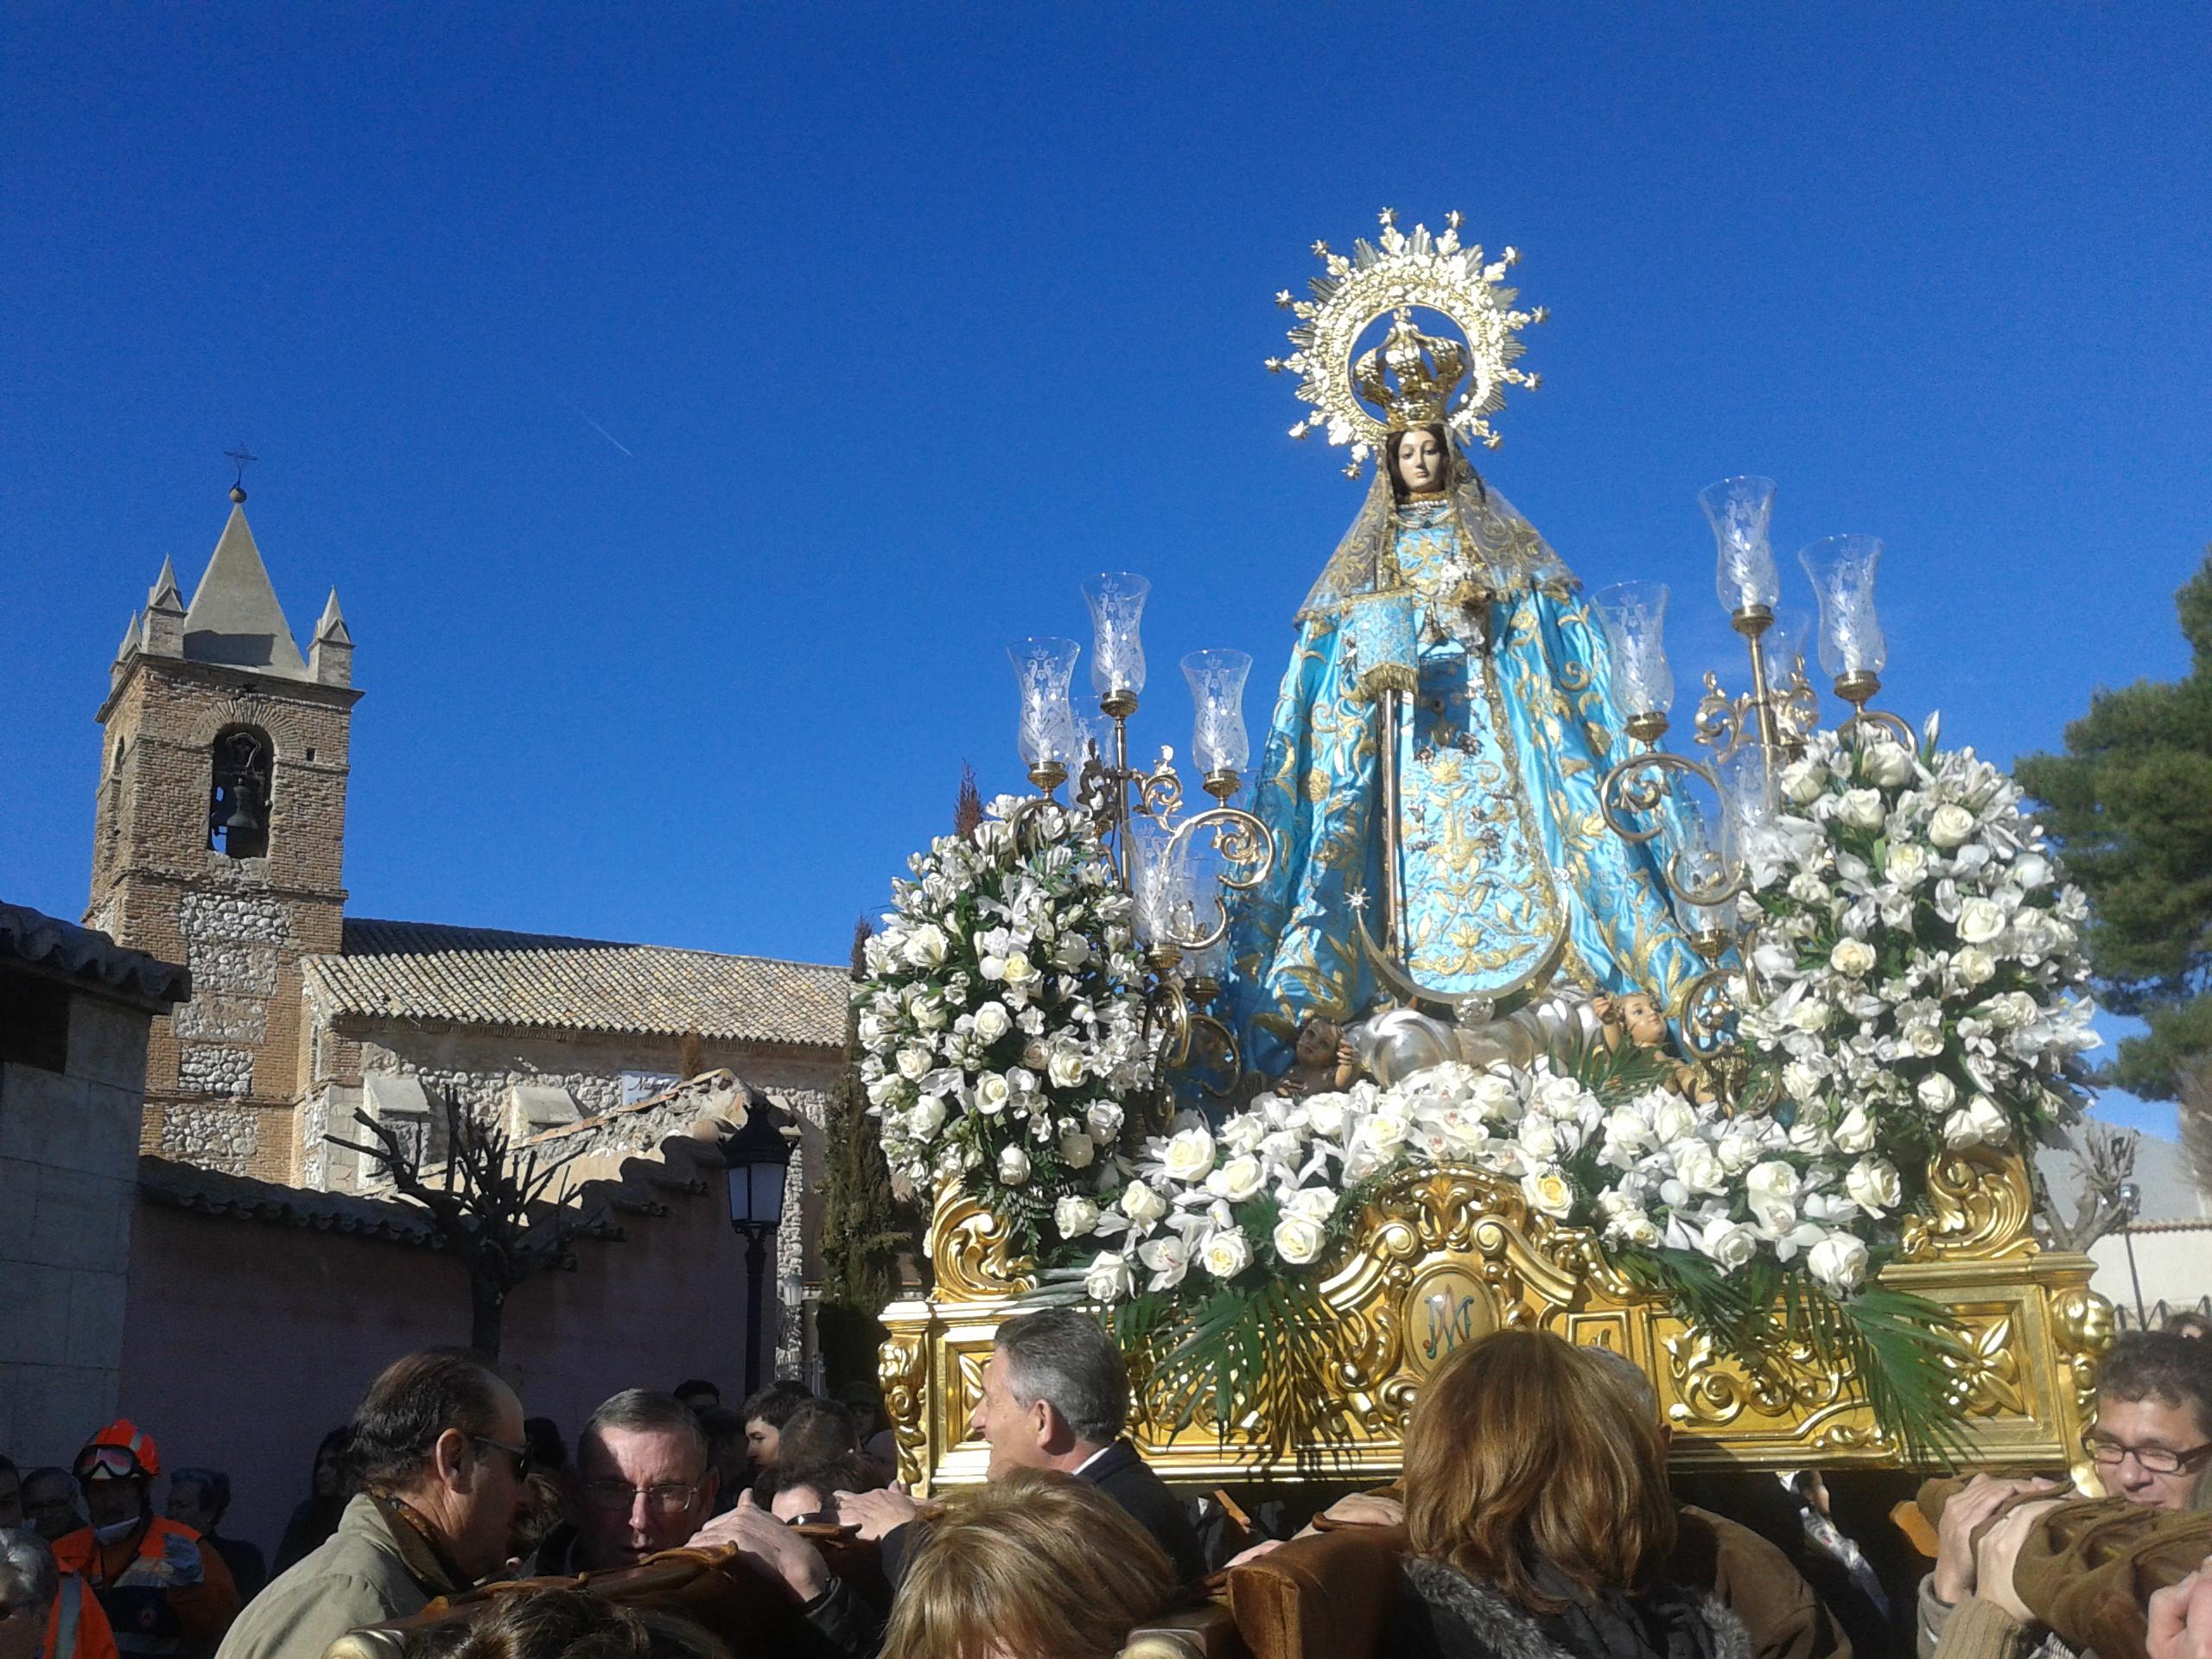 Virgen de la Paz de Villarta de San Juan y su extraordinaria Fiesta de las Paces, España (23 ene)